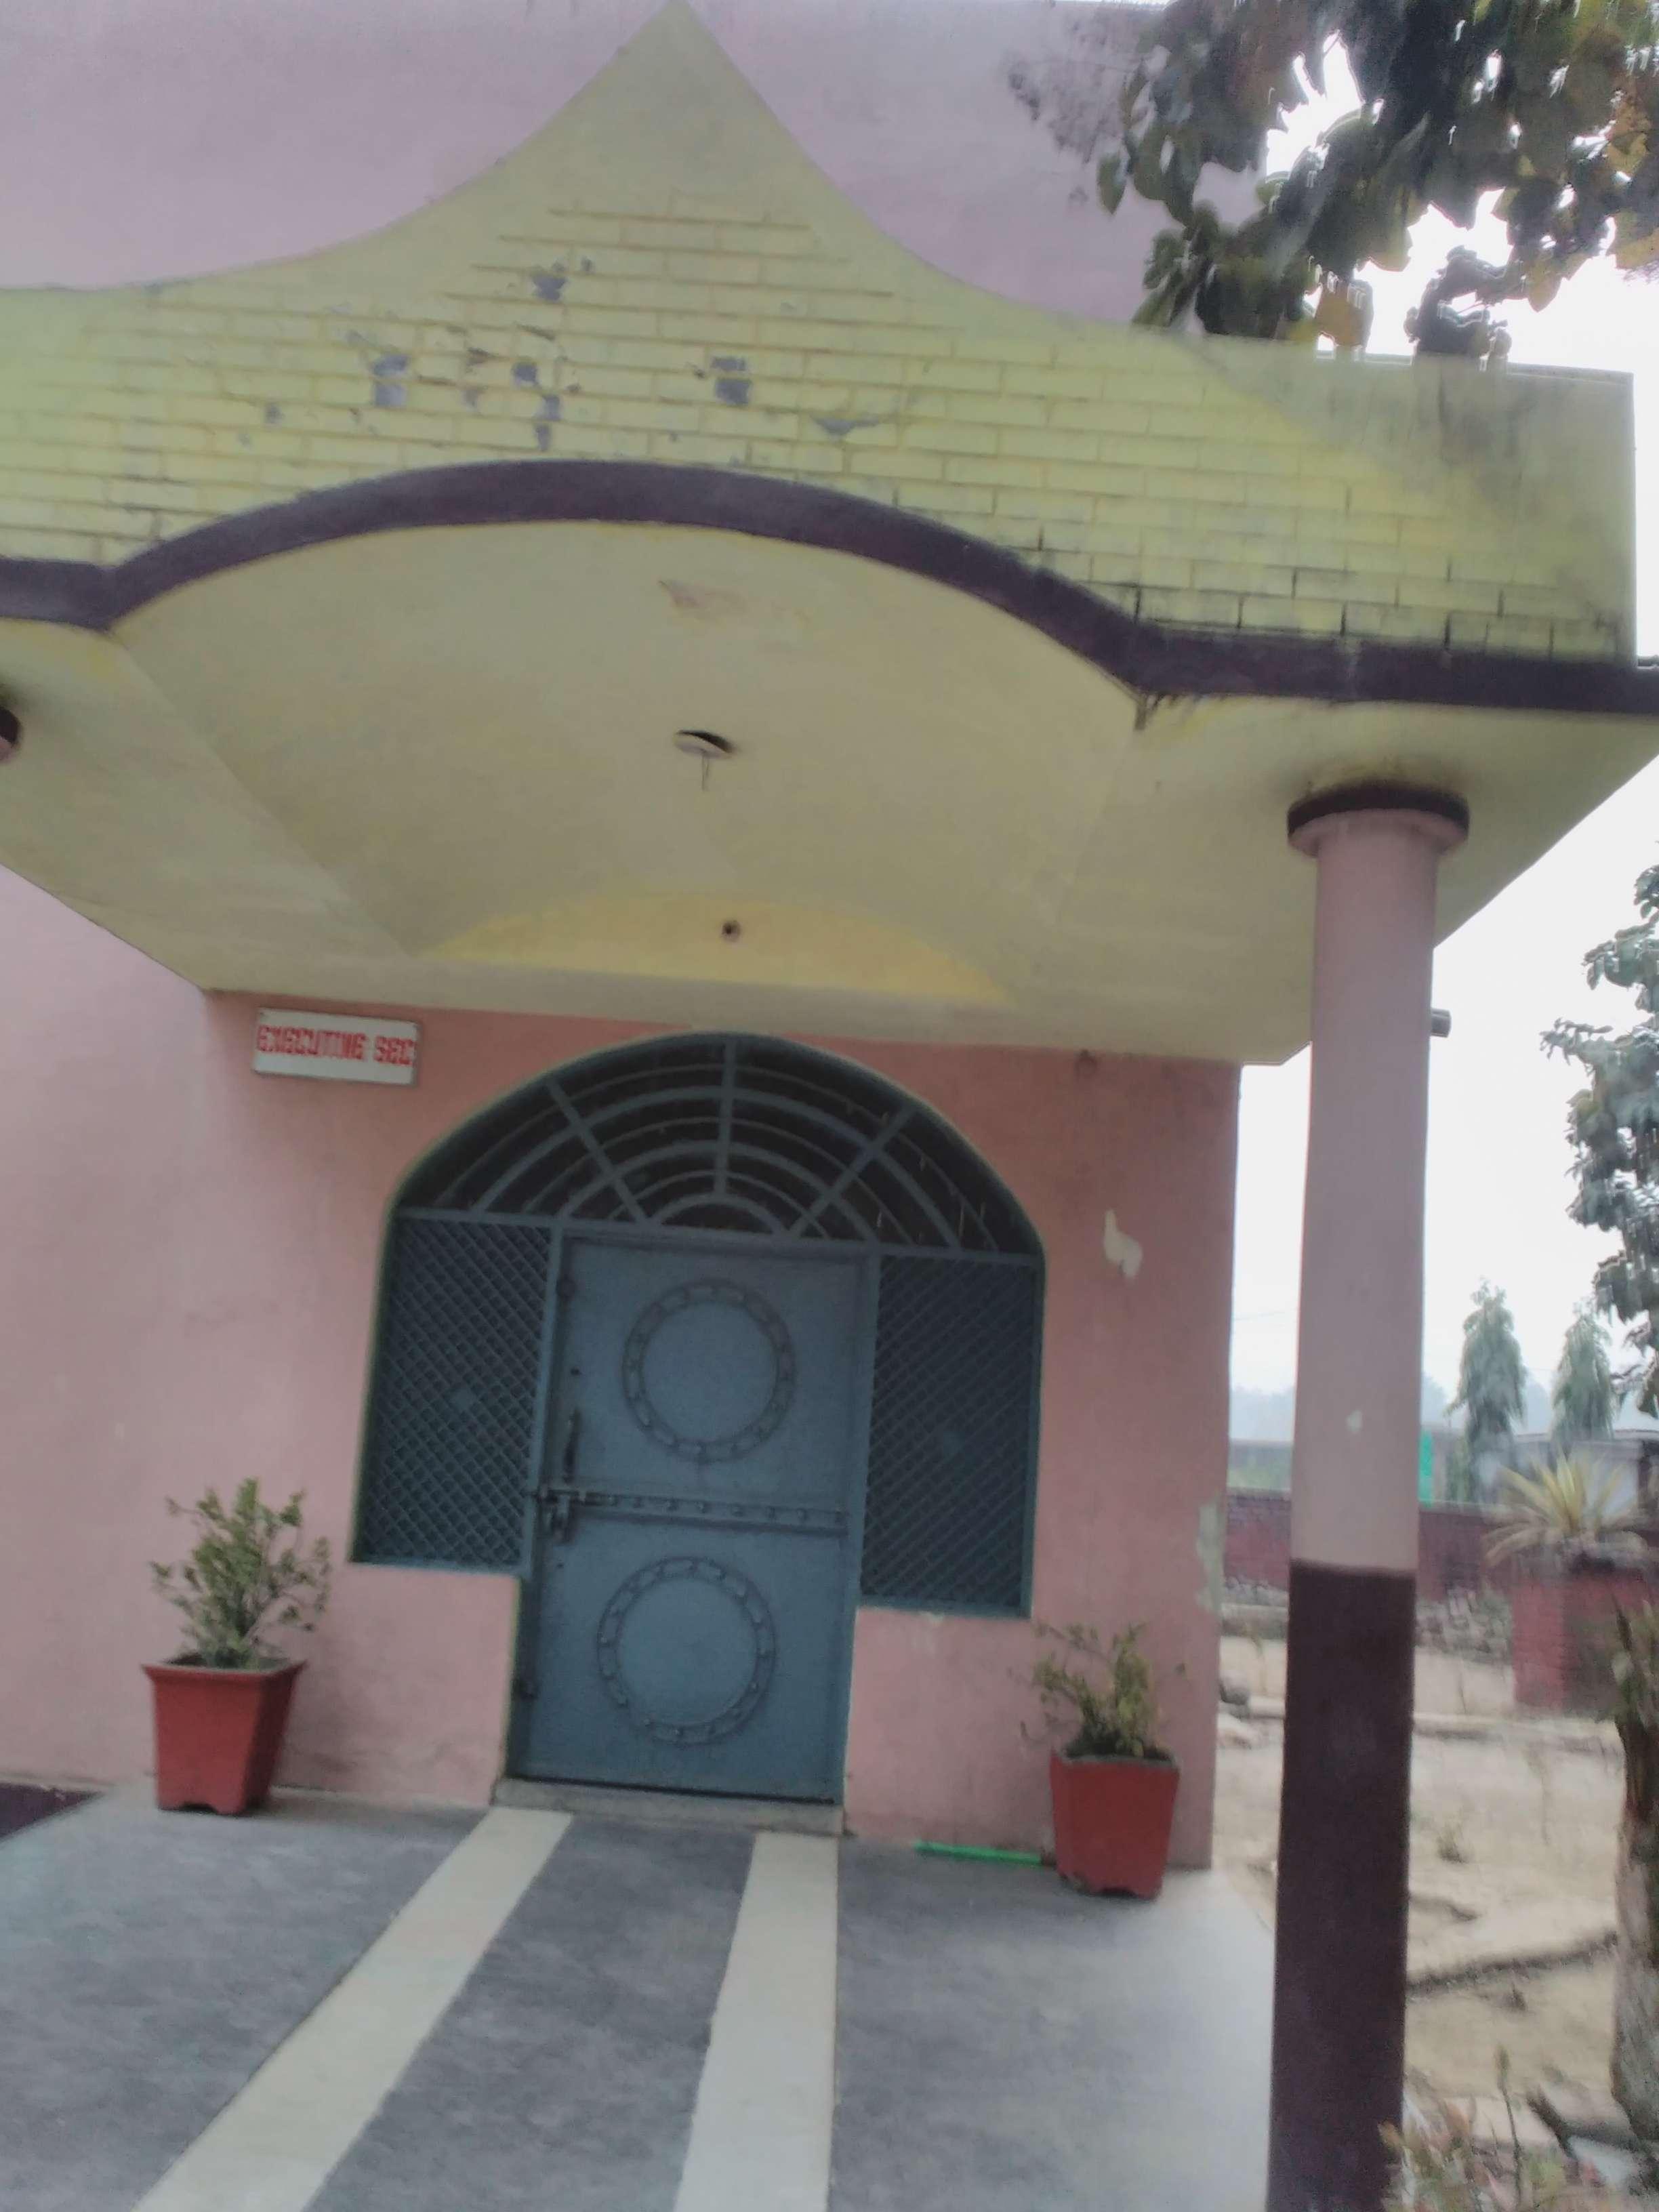 SHISH PAL SINGH CONVENT SCHOOL HASANPUR TAHARPUR RAJWAHA ROAD SAHARANPUR UTTAR PRADESH 2130684